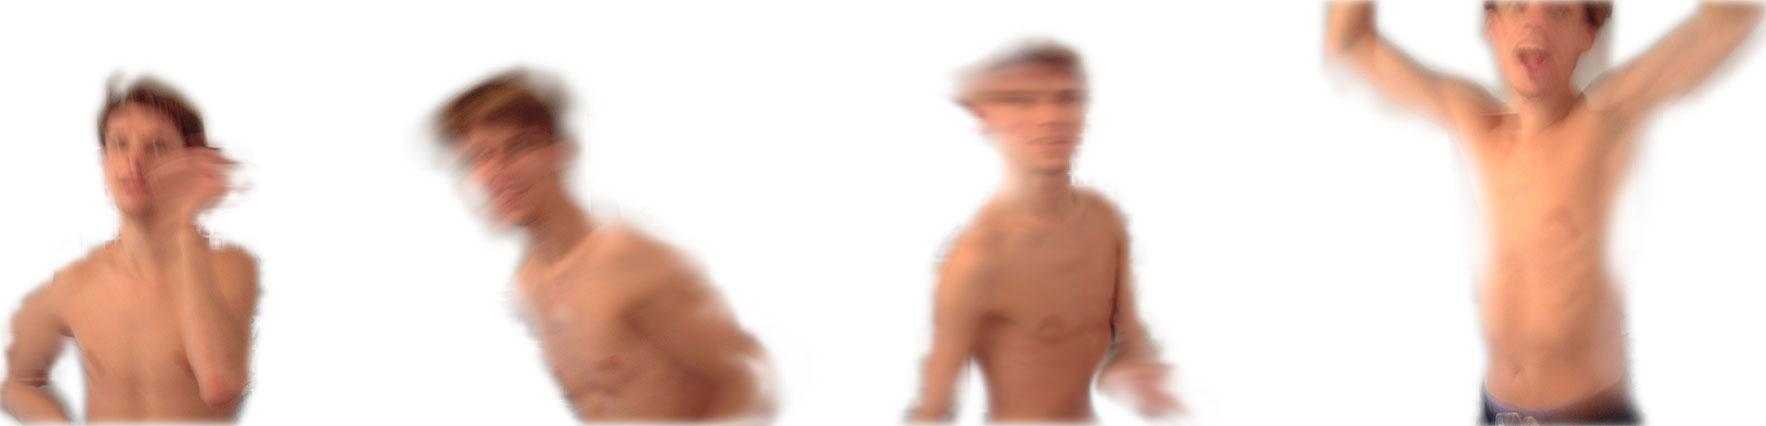 Mensch in Bewegung, teilweise verwischte Aufnahmen, während Tics des Tourette-Syndroms aufgenommen